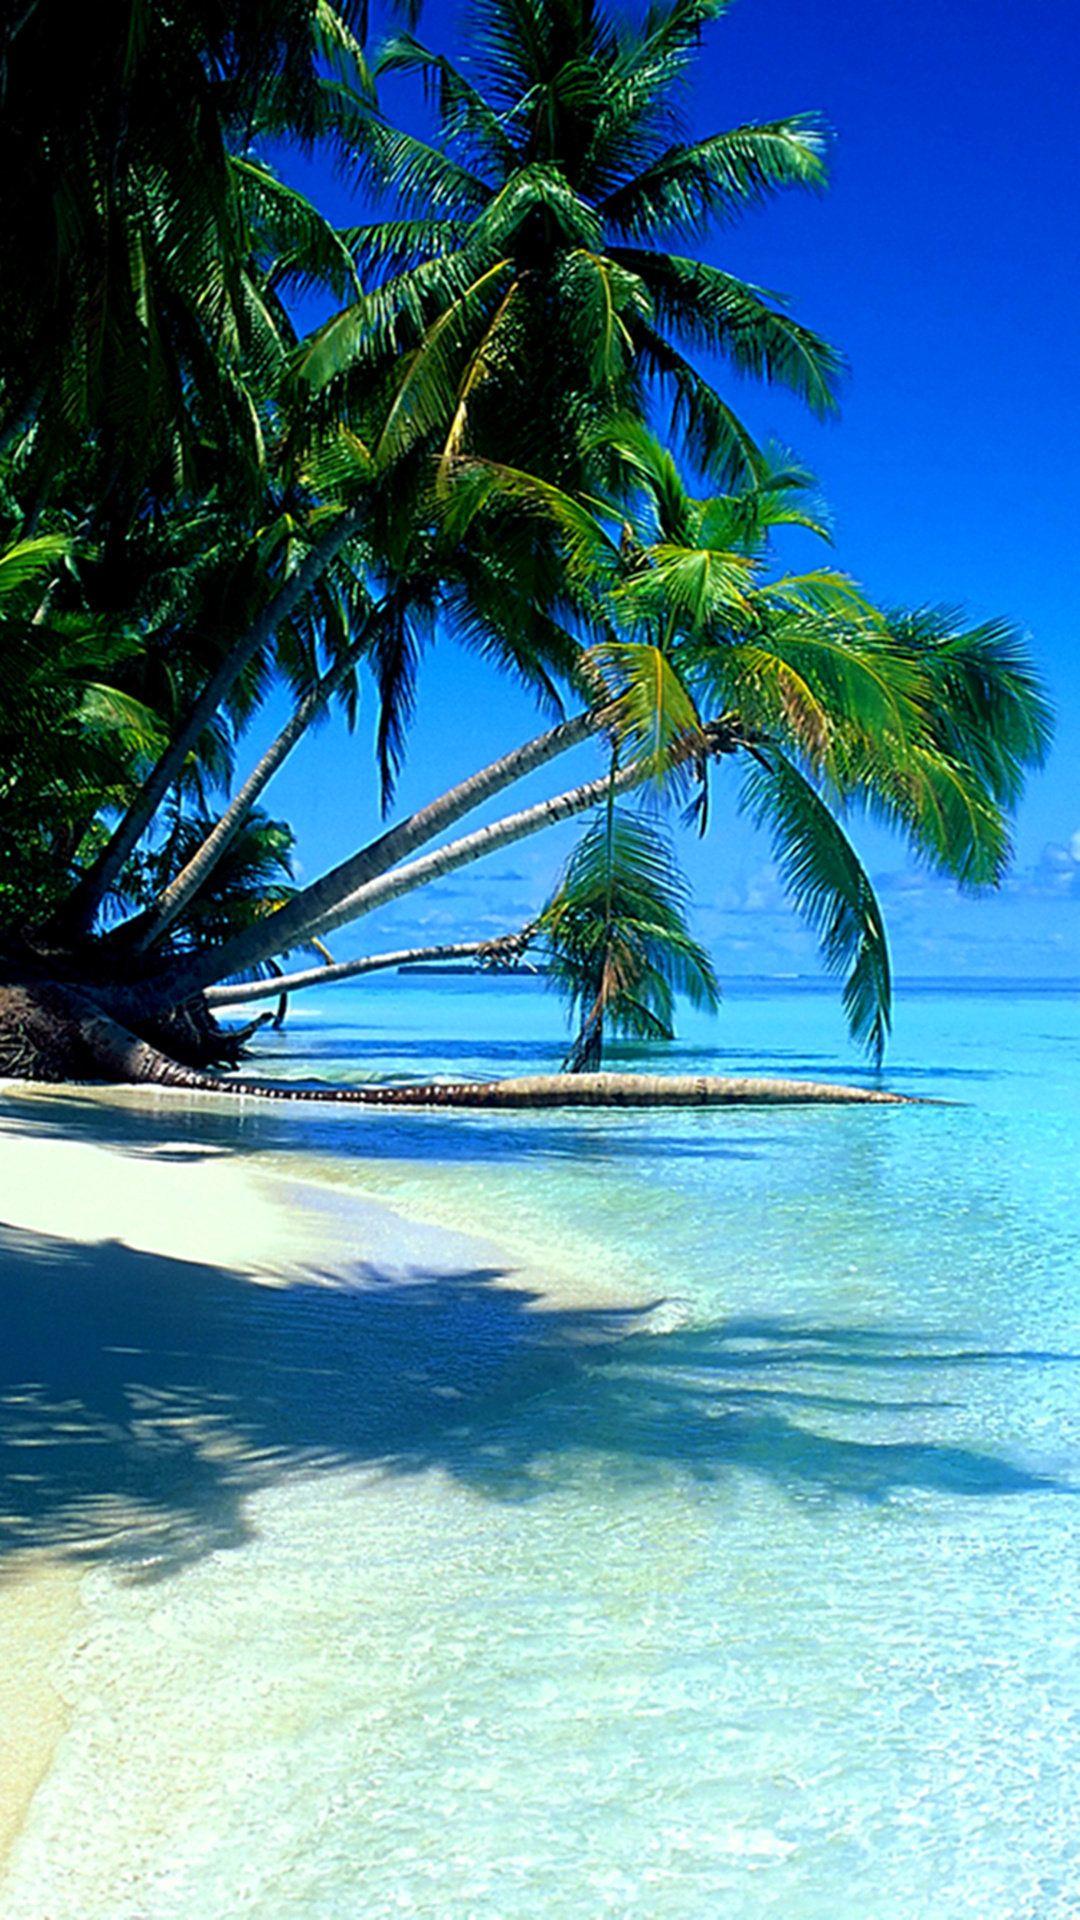 Phone Wallpaper Landscape Tropical Sea Paradise In 2020 Tropical Beaches Beach Wallpaper Beautiful Beaches